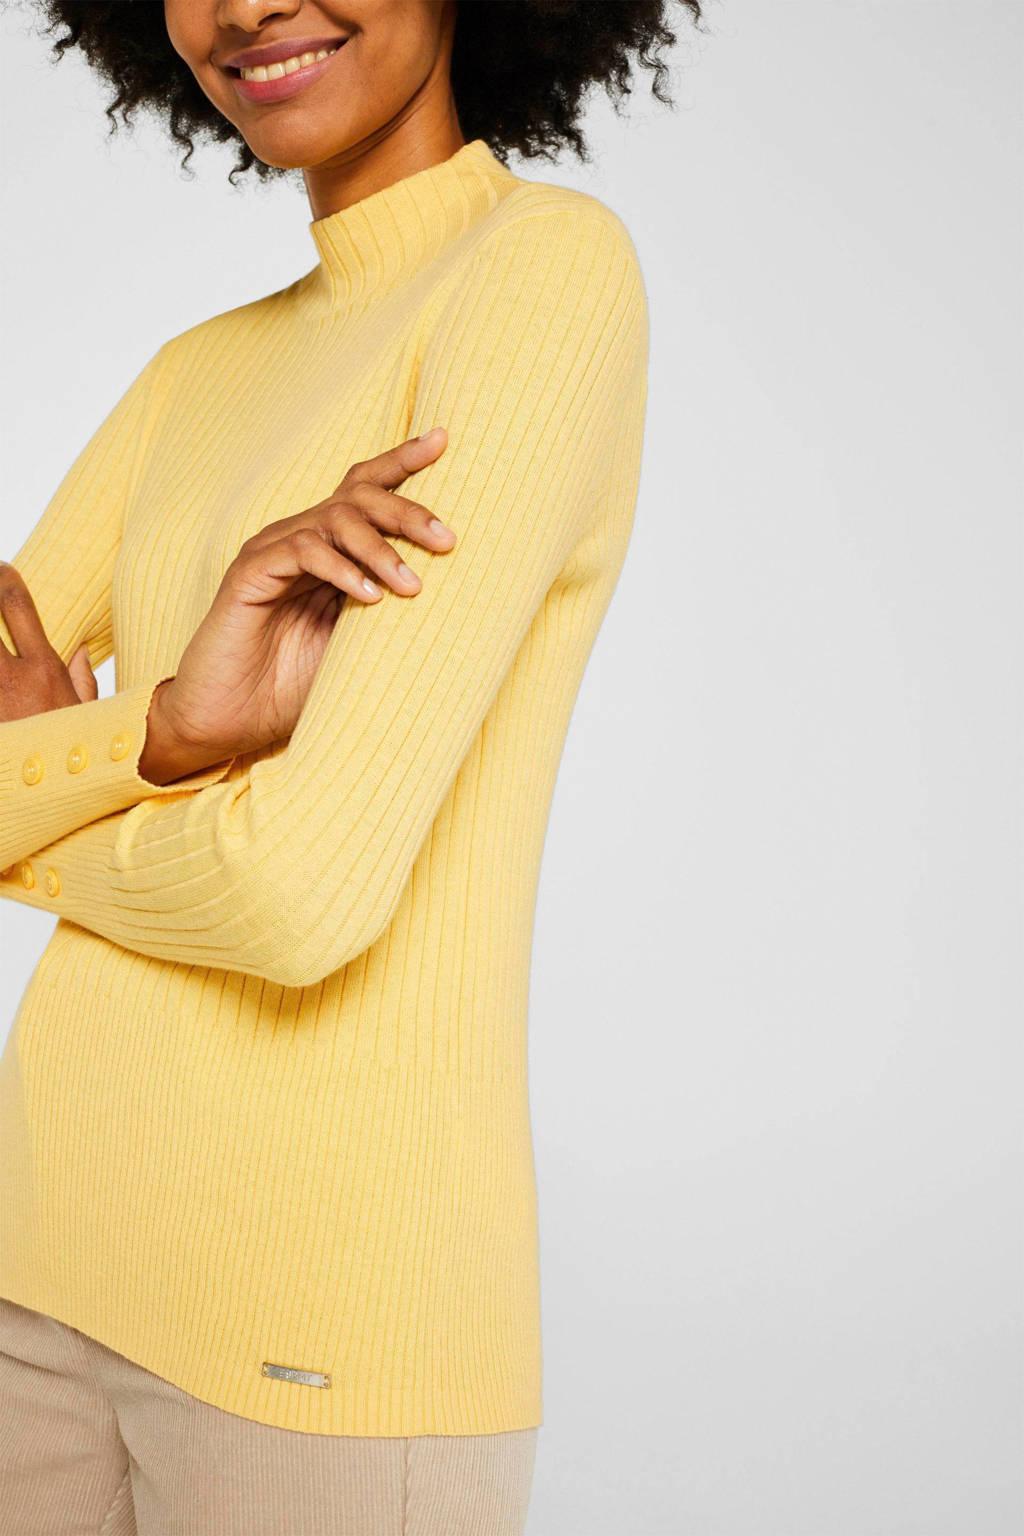 ESPRIT Women Casual coltrui geel, Geel